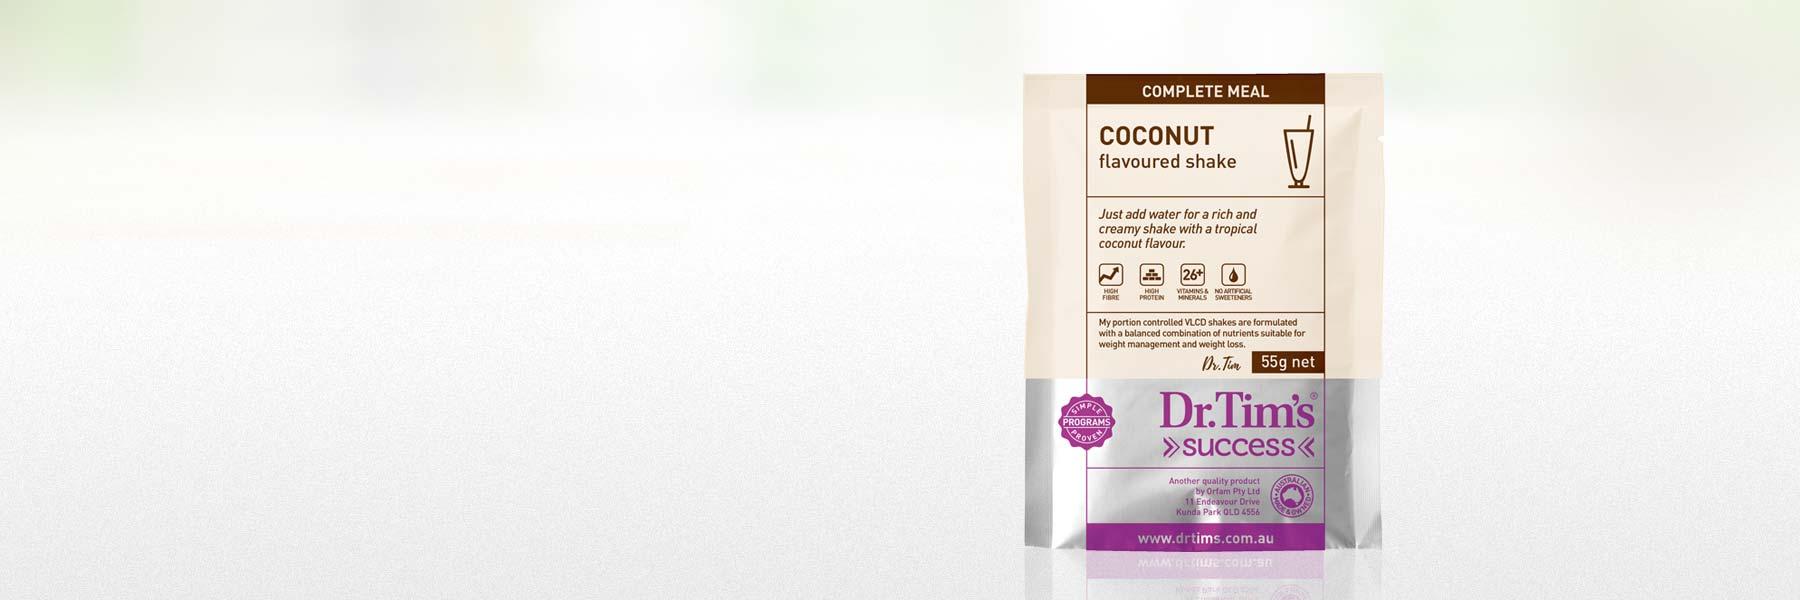 DrTims-Shake-Sachets-Coconut-2-hero